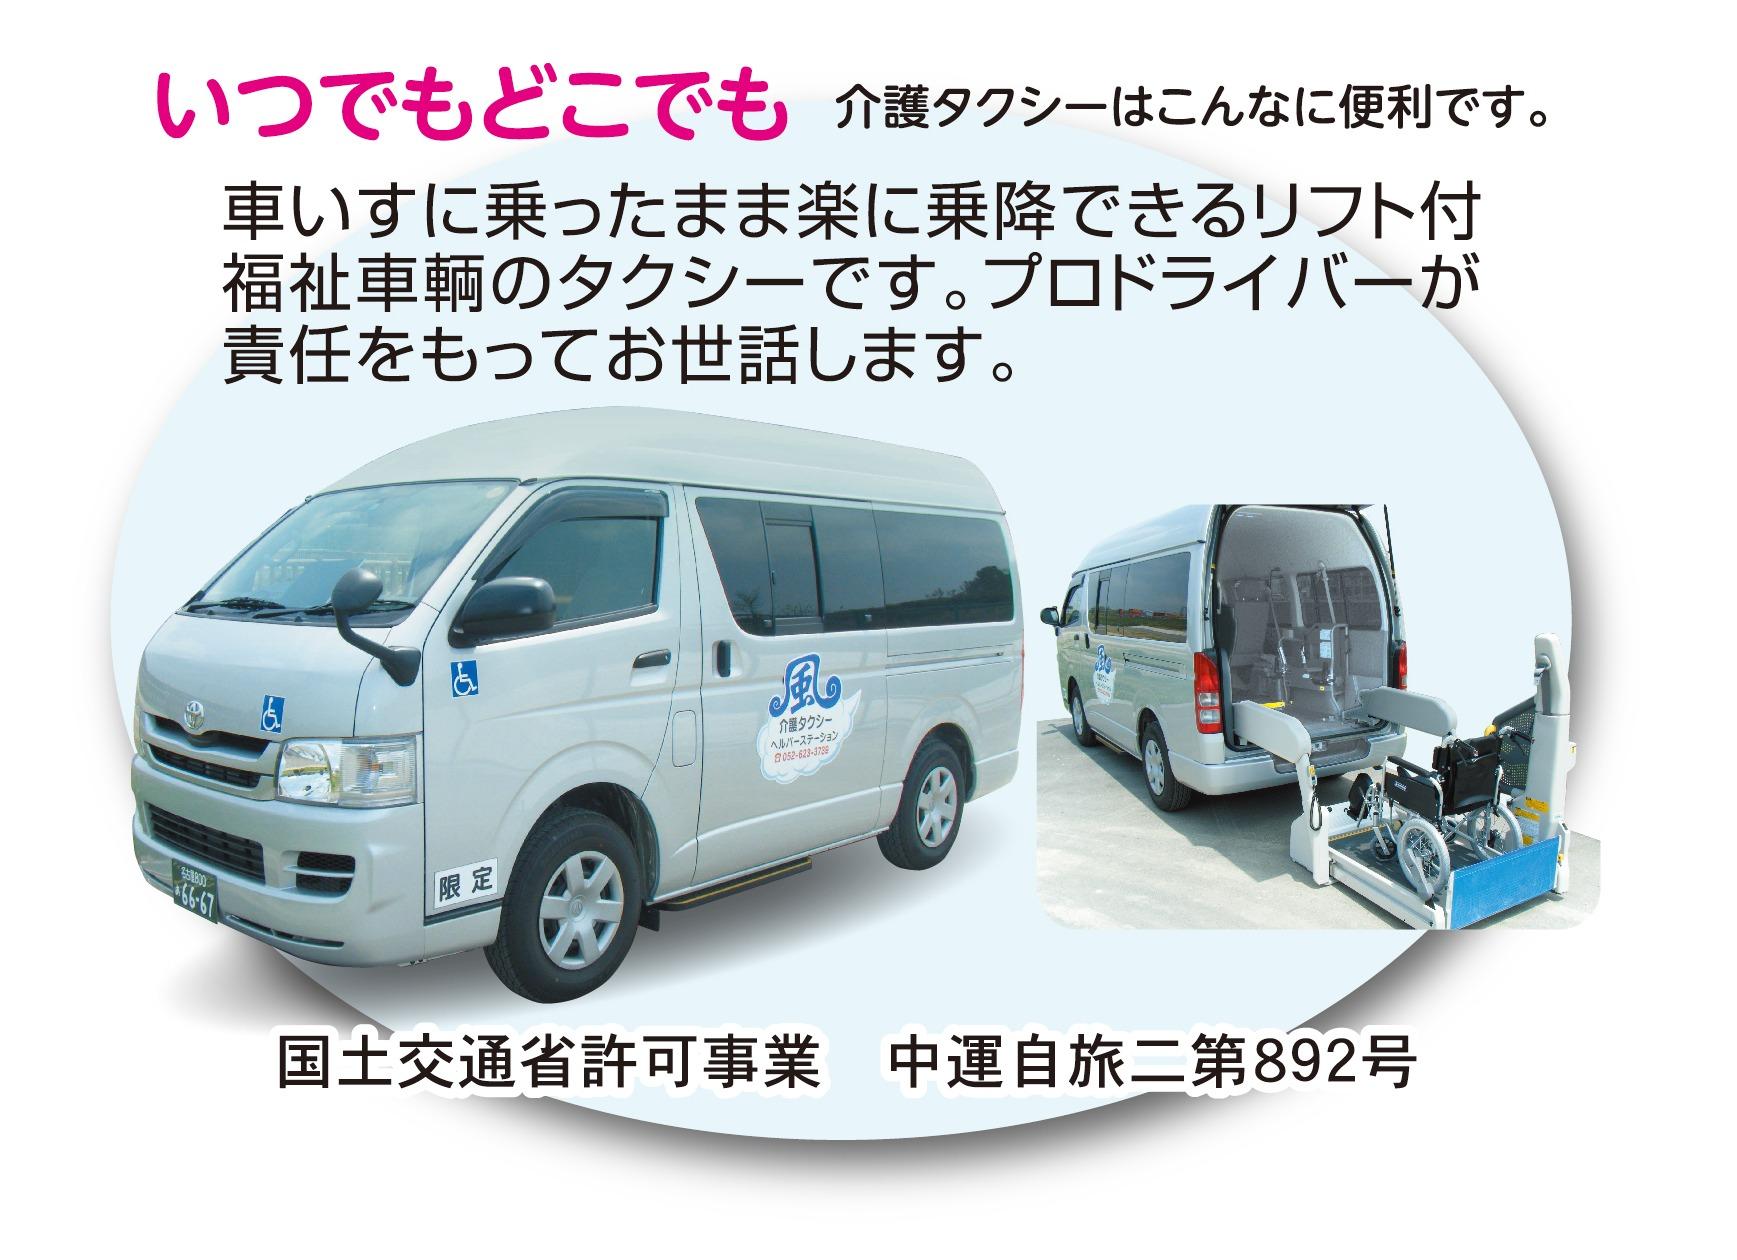 風介護タクシー リフト付福祉車輌